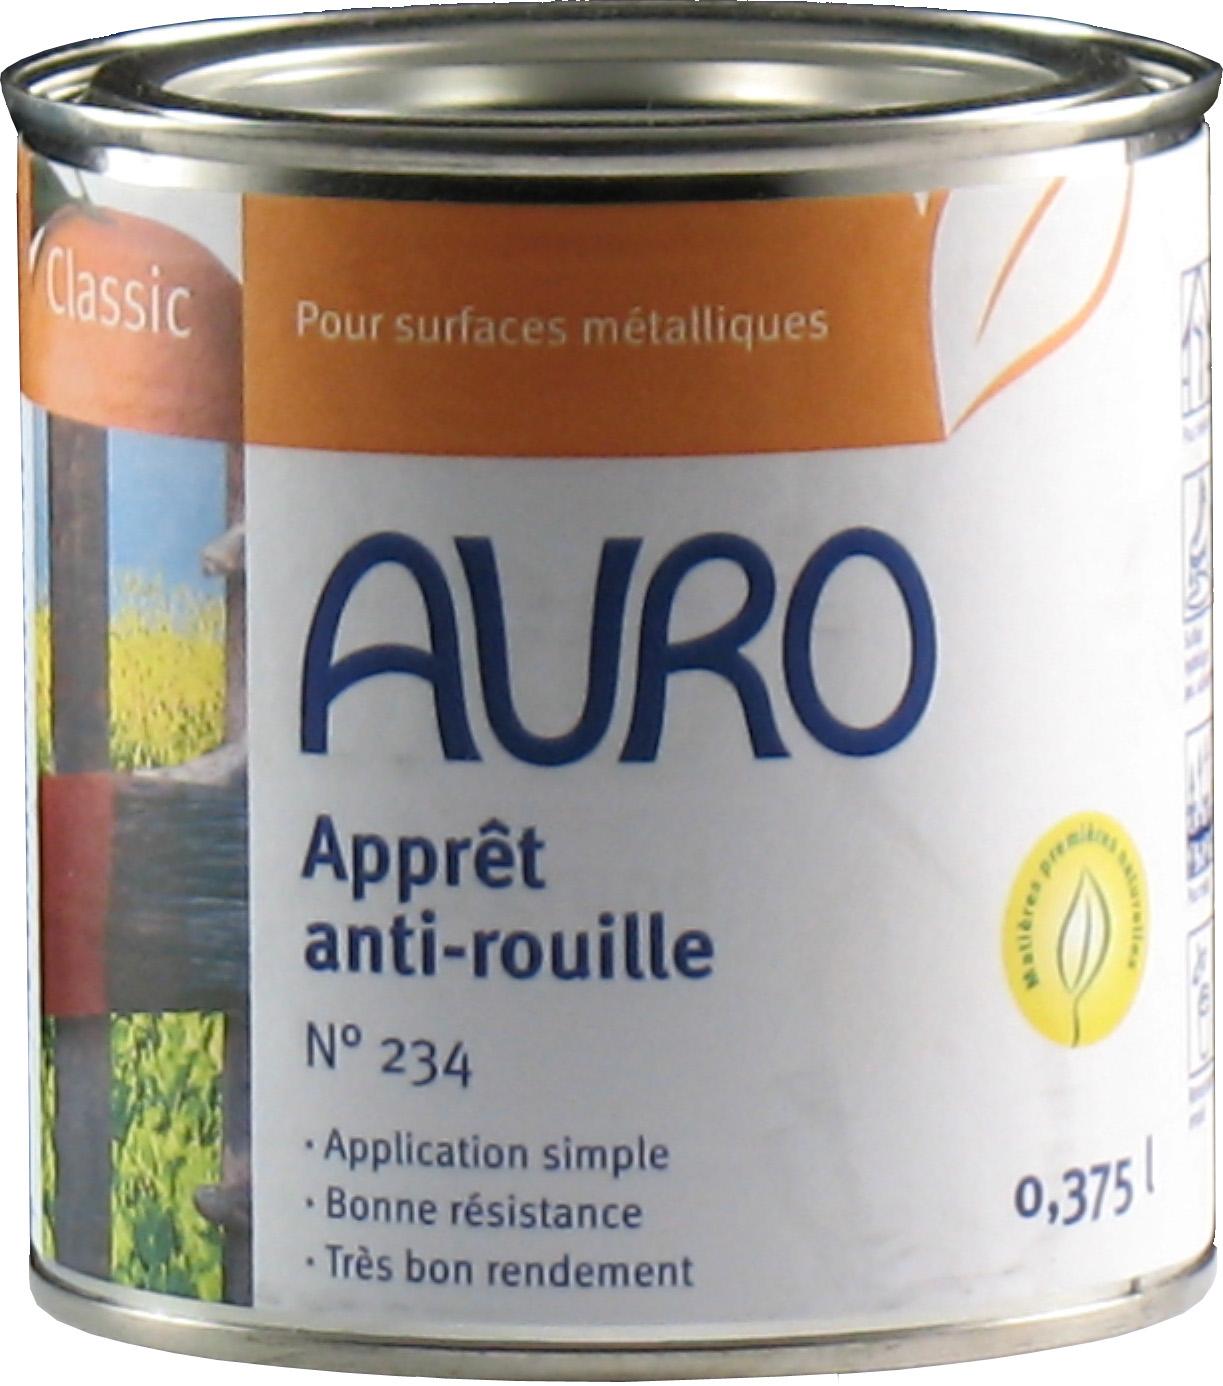 APPRÊT ANTI-ROUILLE AURO 234